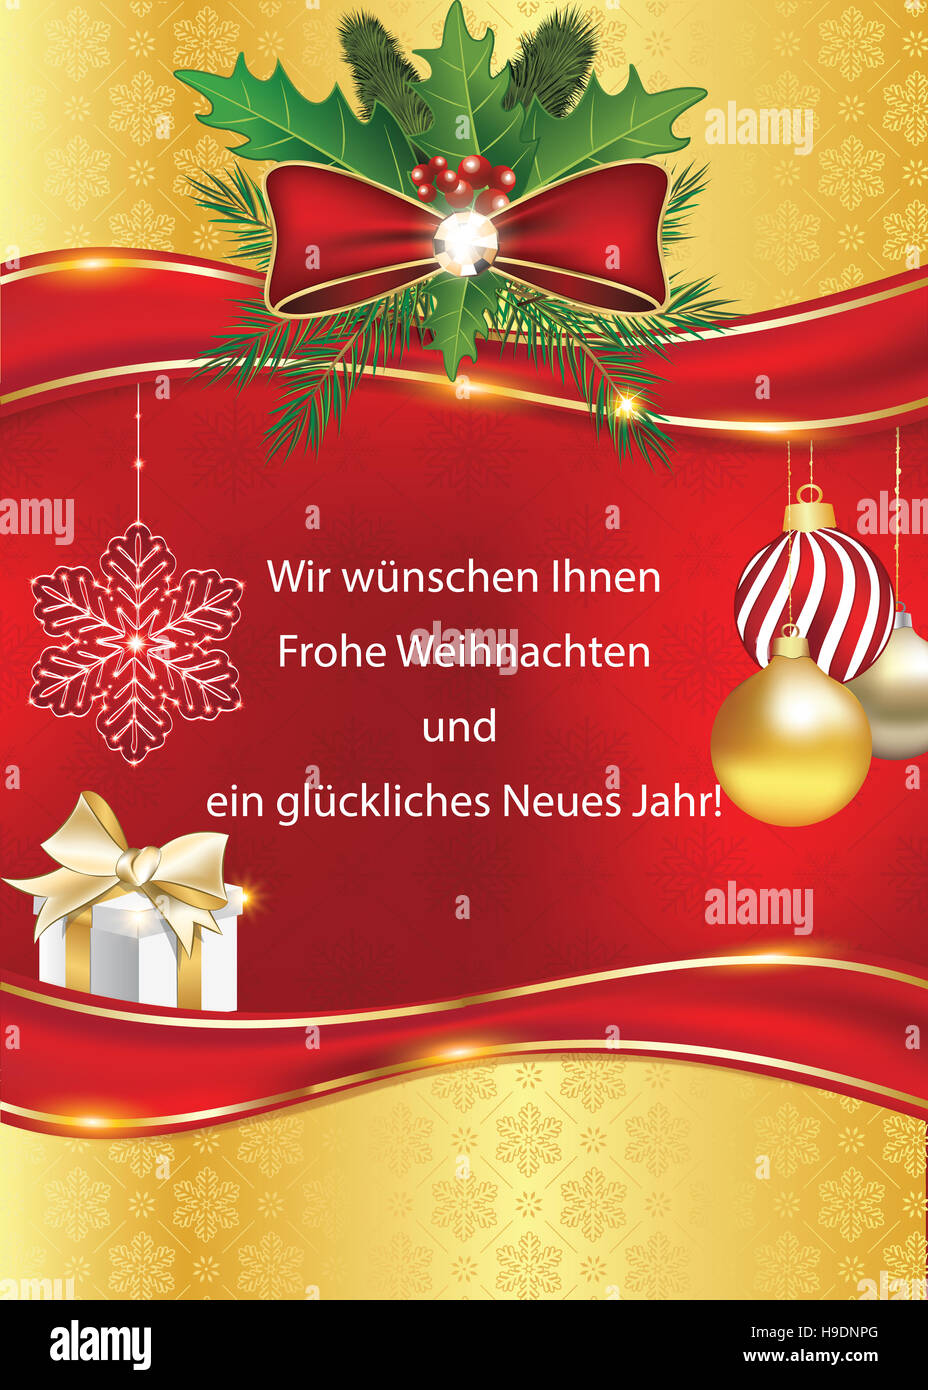 Geschftliche Weihnachtsgre Wir wnschen Ihnen Frohe